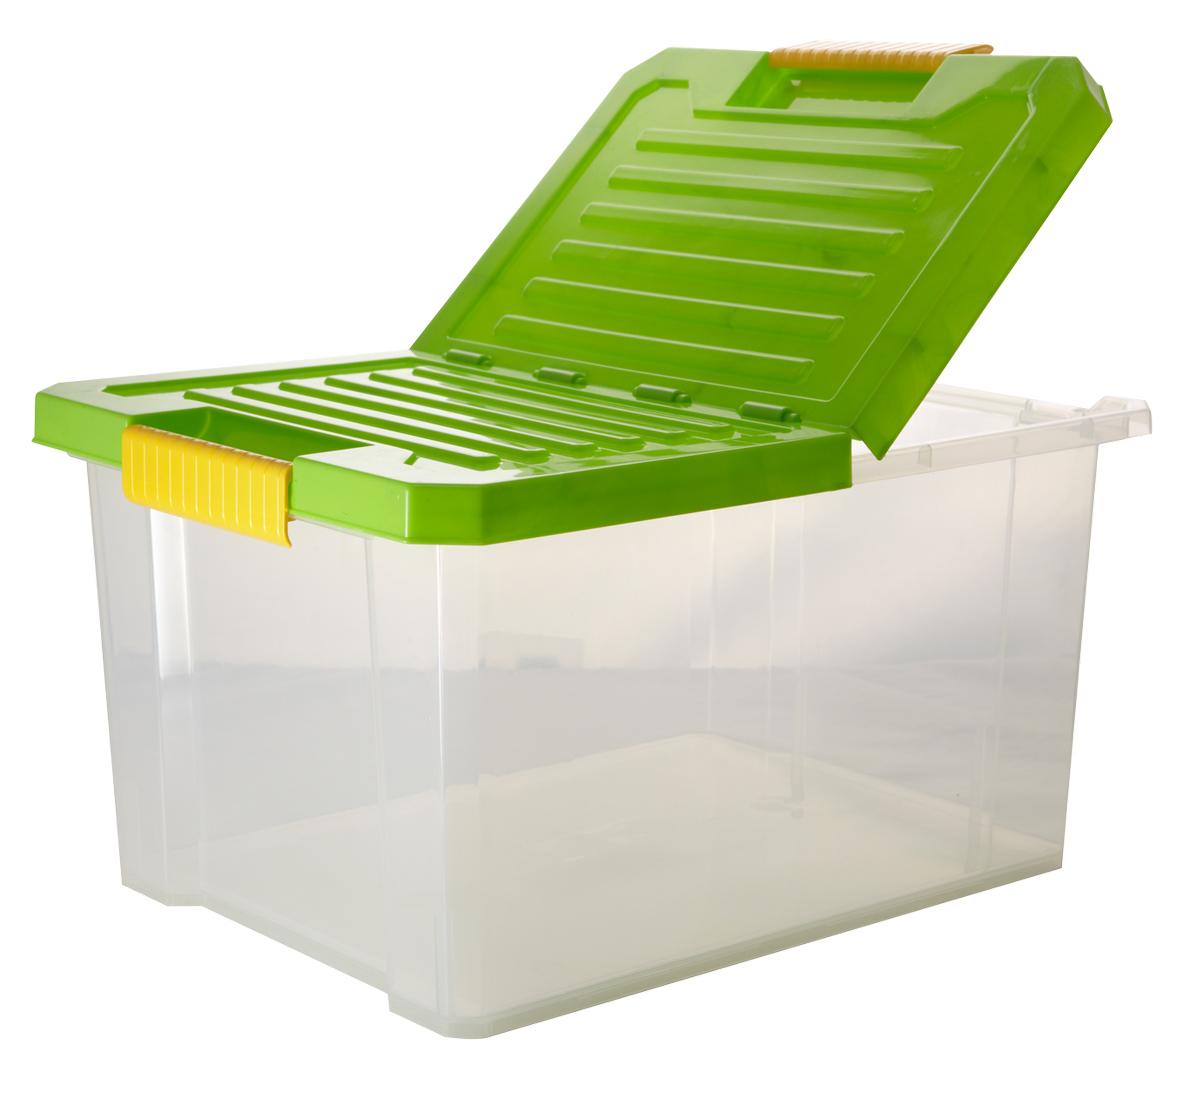 Ящик для хранения BranQ Unibox, цвет: зеленый, прозрачный, 17 лBQ2562ЗЛПРУниверсальный ящик для хранения BranQ Unibox, выполненный из прочного пластика, поможет правильно организовать пространство в доме и сэкономить место. В нем можно хранить все, что угодно: одежду, обувь, детские игрушки и многое другое. Прочный каркас ящика позволит хранить как легкие вещи, так и переносить собранный урожай овощей или фруктов. Изделие оснащено складной крышкой, которая защитит вещи от пыли, грязи и влаги. Эргономичные ручки-защелки, позволяют переносить ящик как с крышкой, так и без нее.